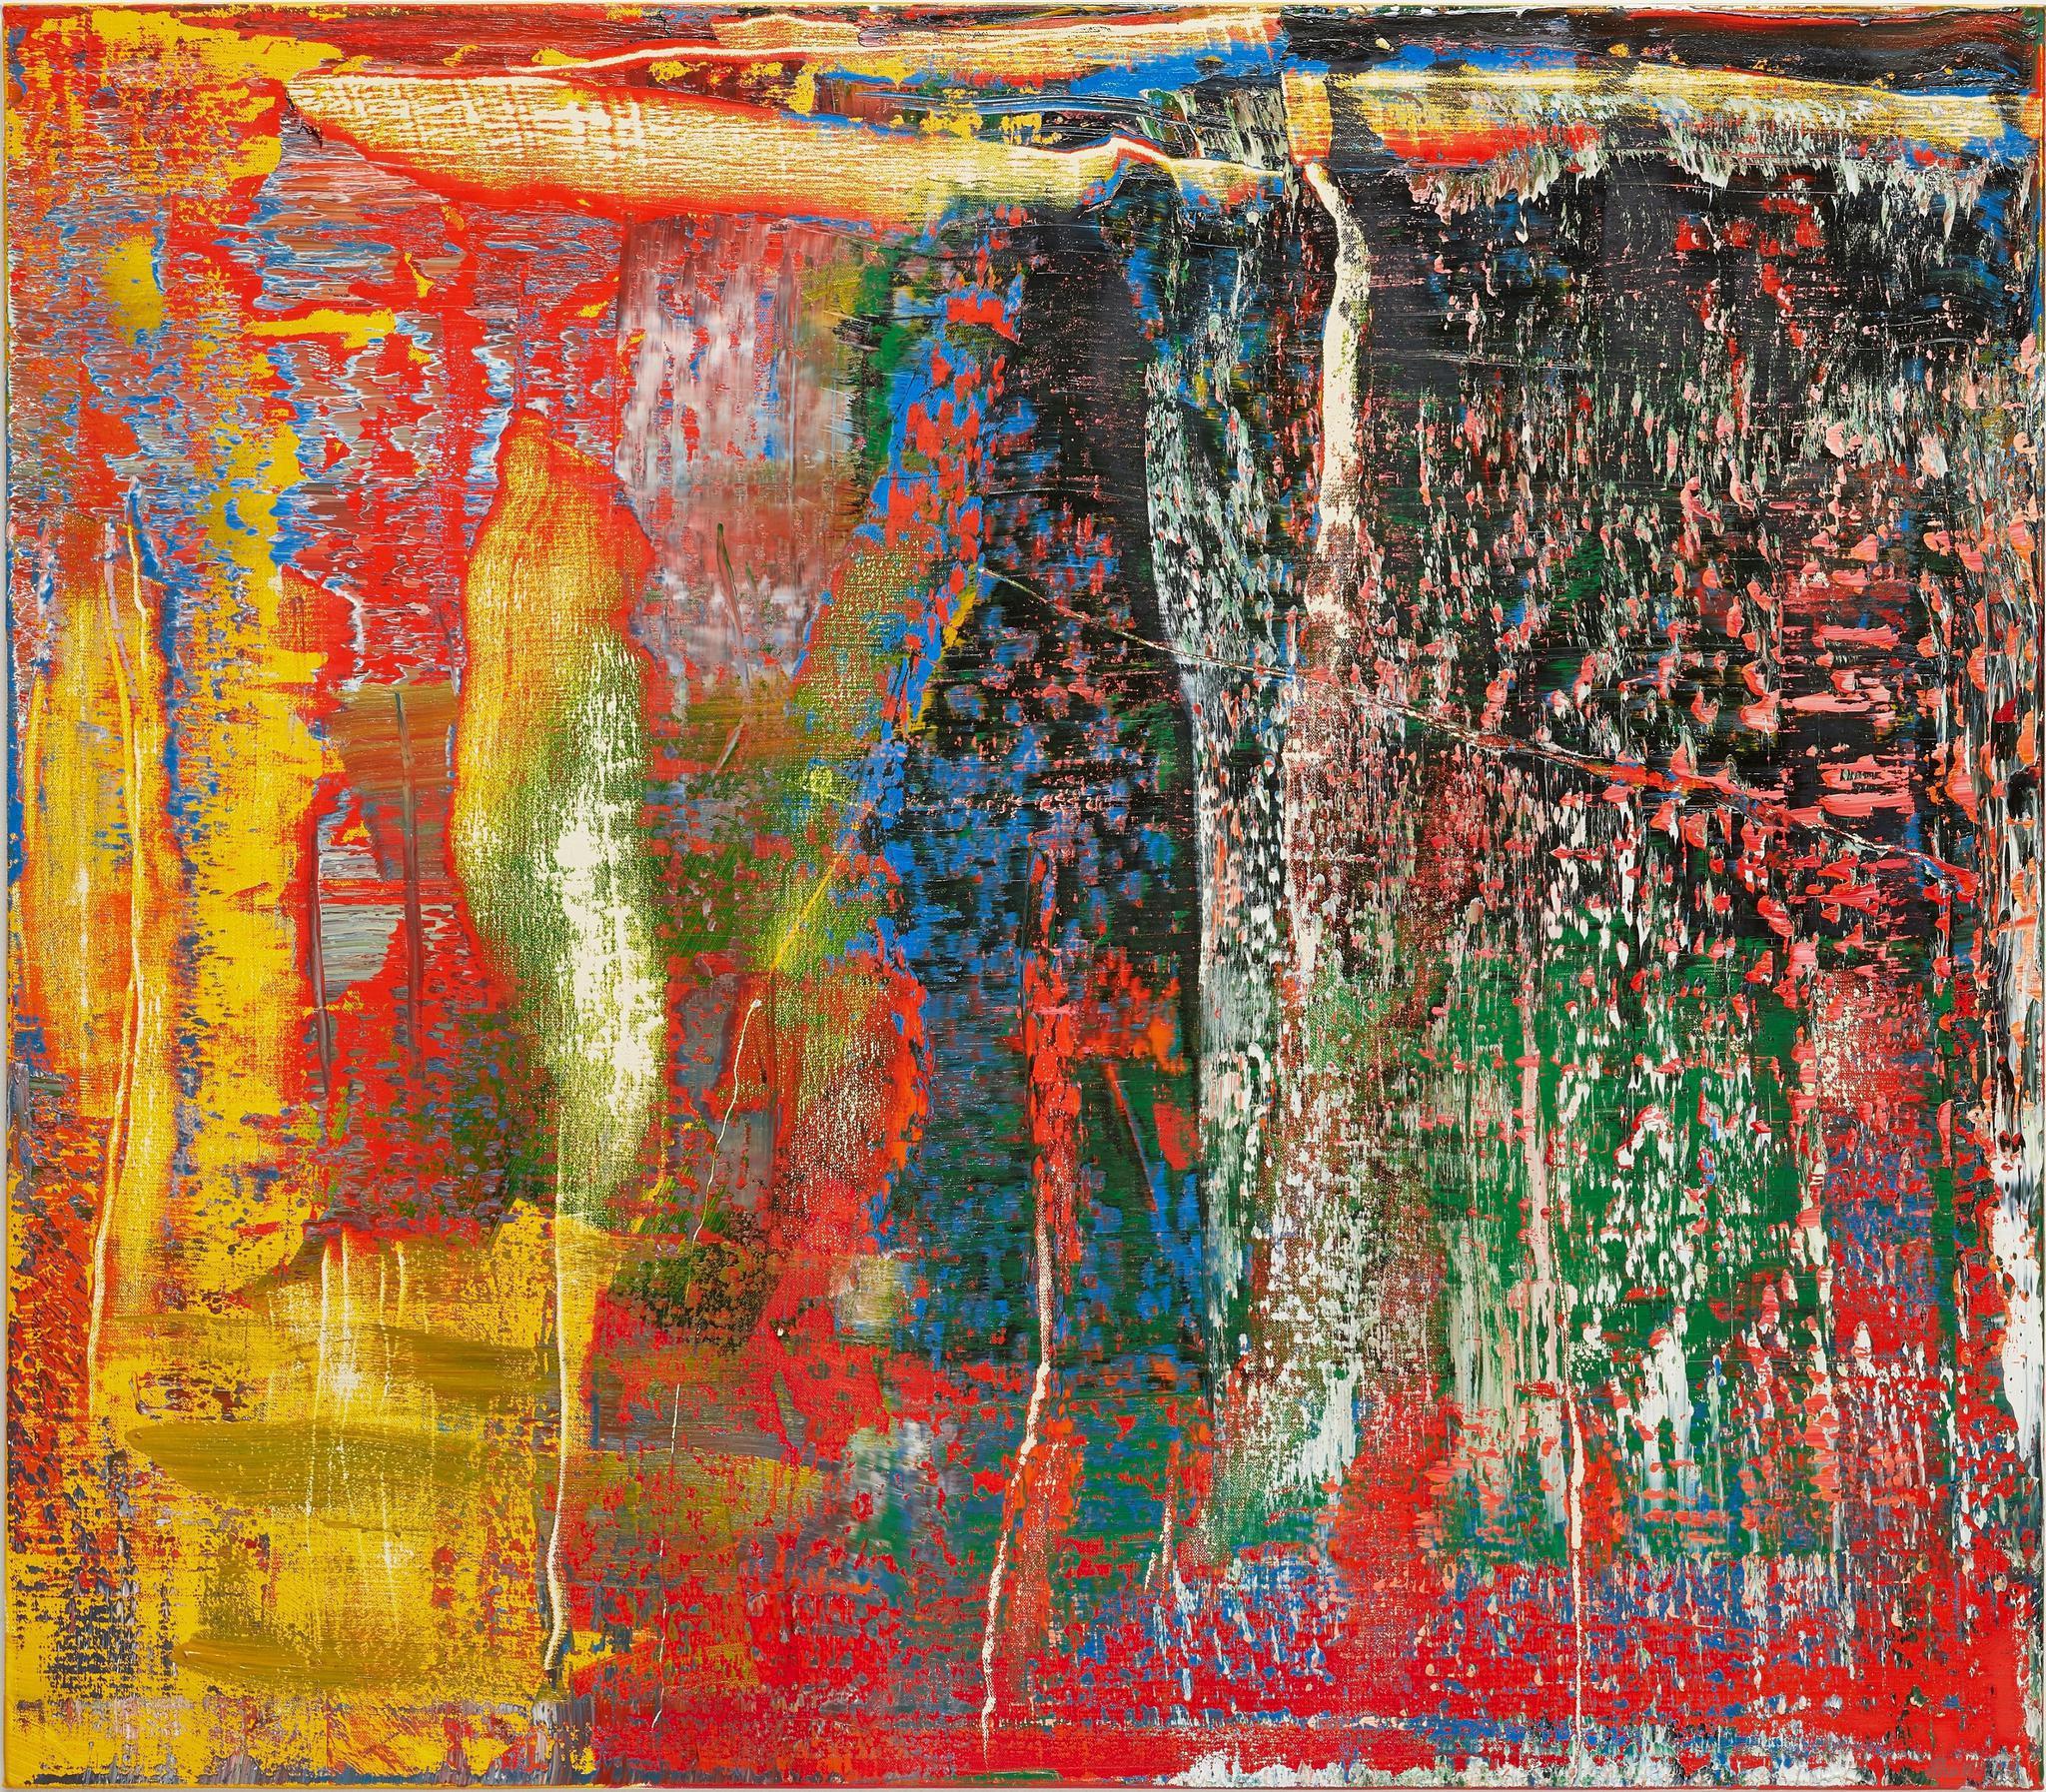 格哈特‧里希特《抽象画940-7号》,2015年作